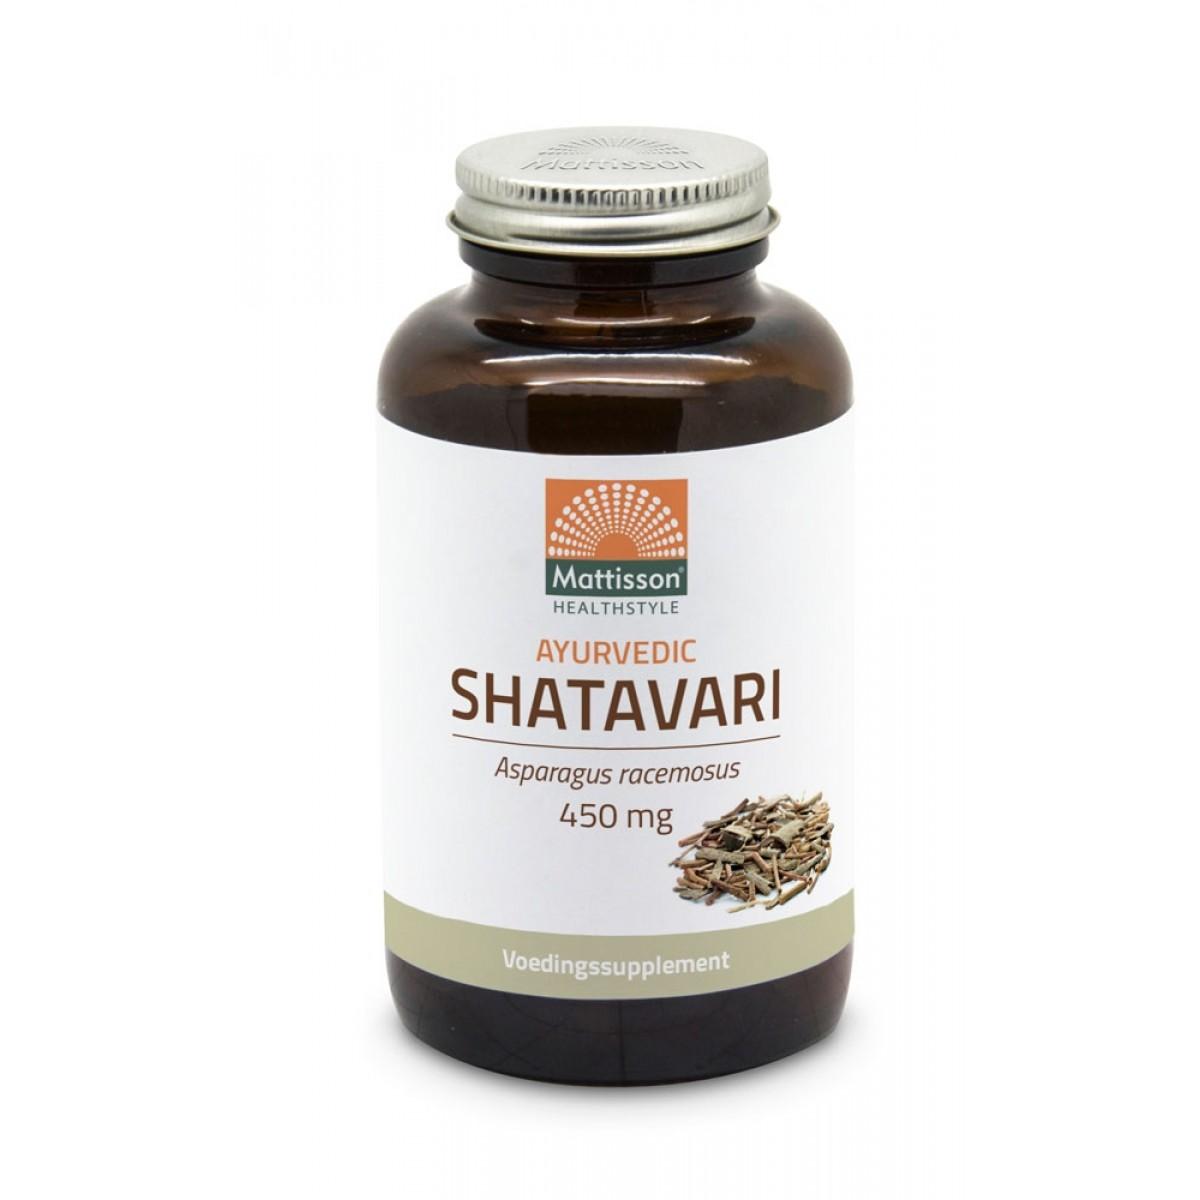 Ayurvedic Shatavari Asparagus Racemosus